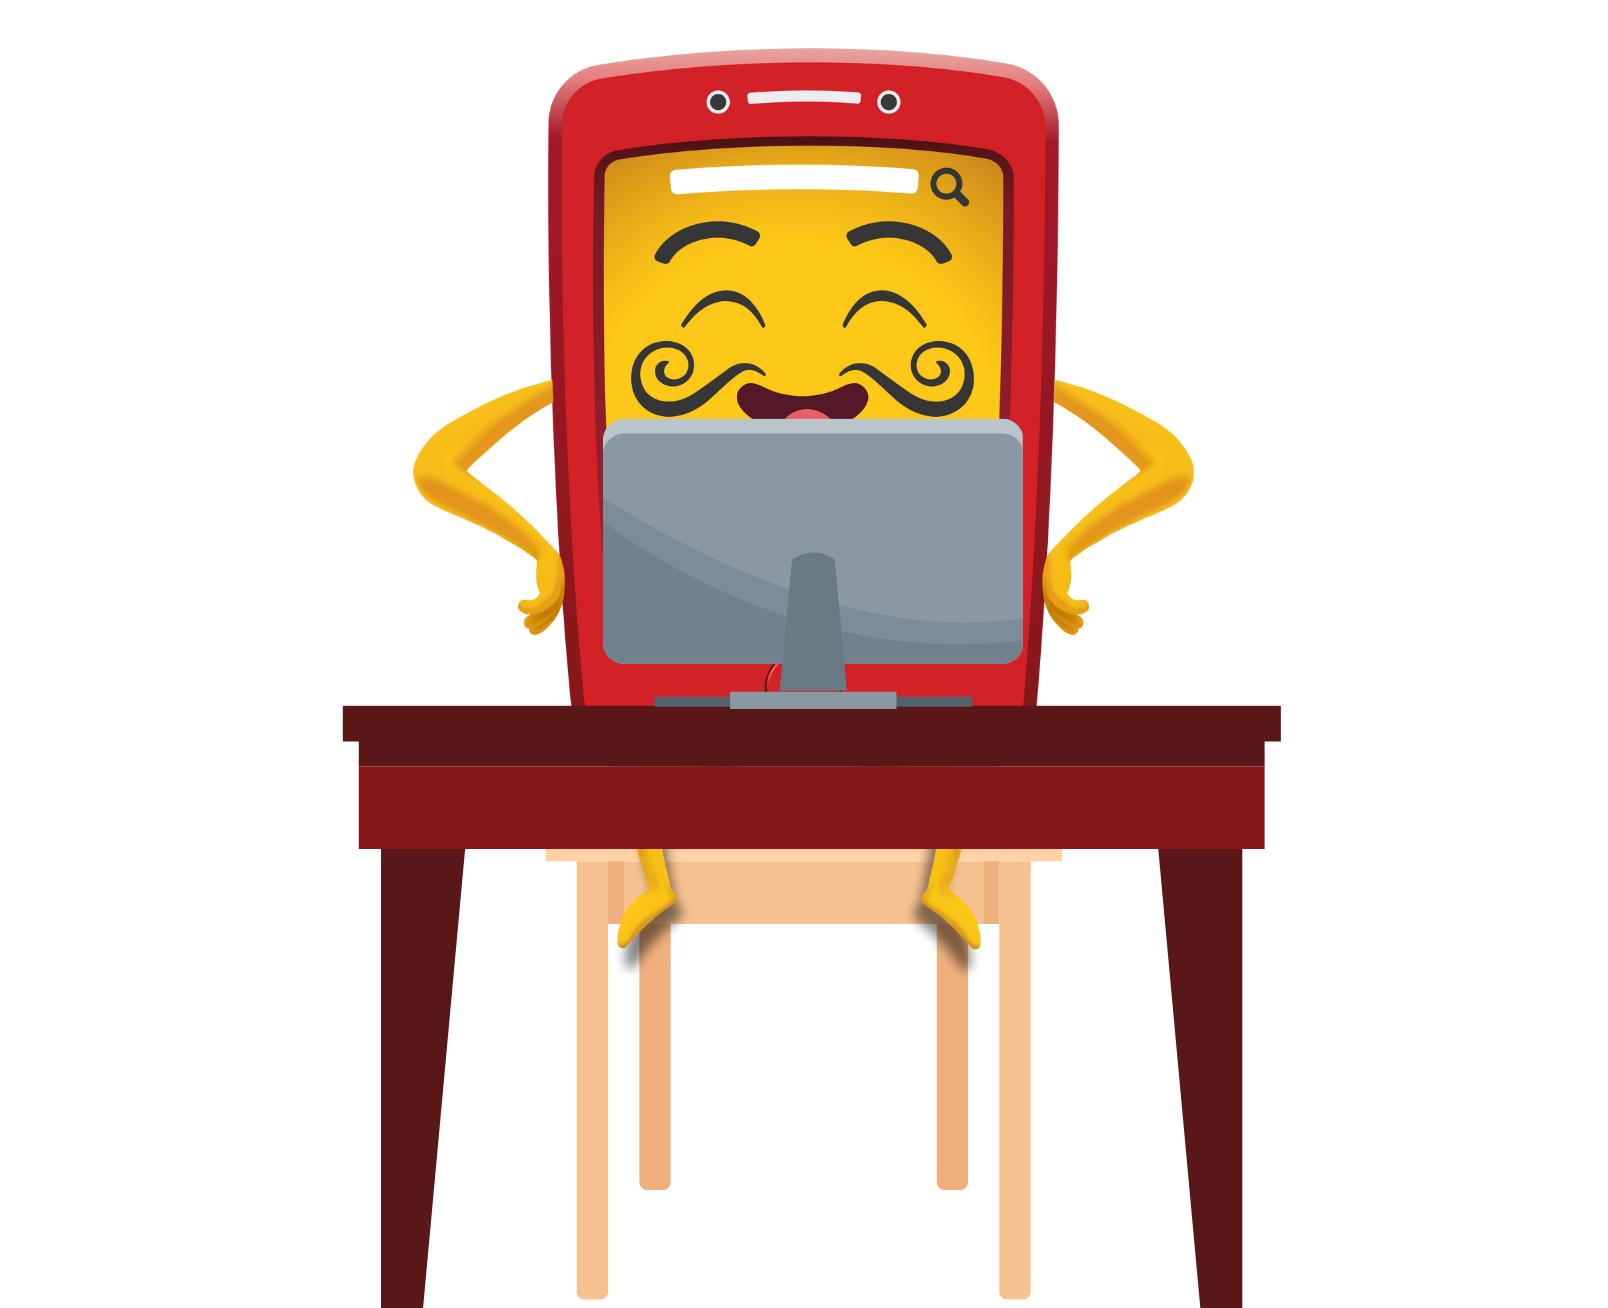 Cardapinho, o mascote da Cardápio Web, sentado mexendo num computador representando que o Cardapinho está trabalhando para os clientes da Cardápio Web realizando um atendimento de suporte